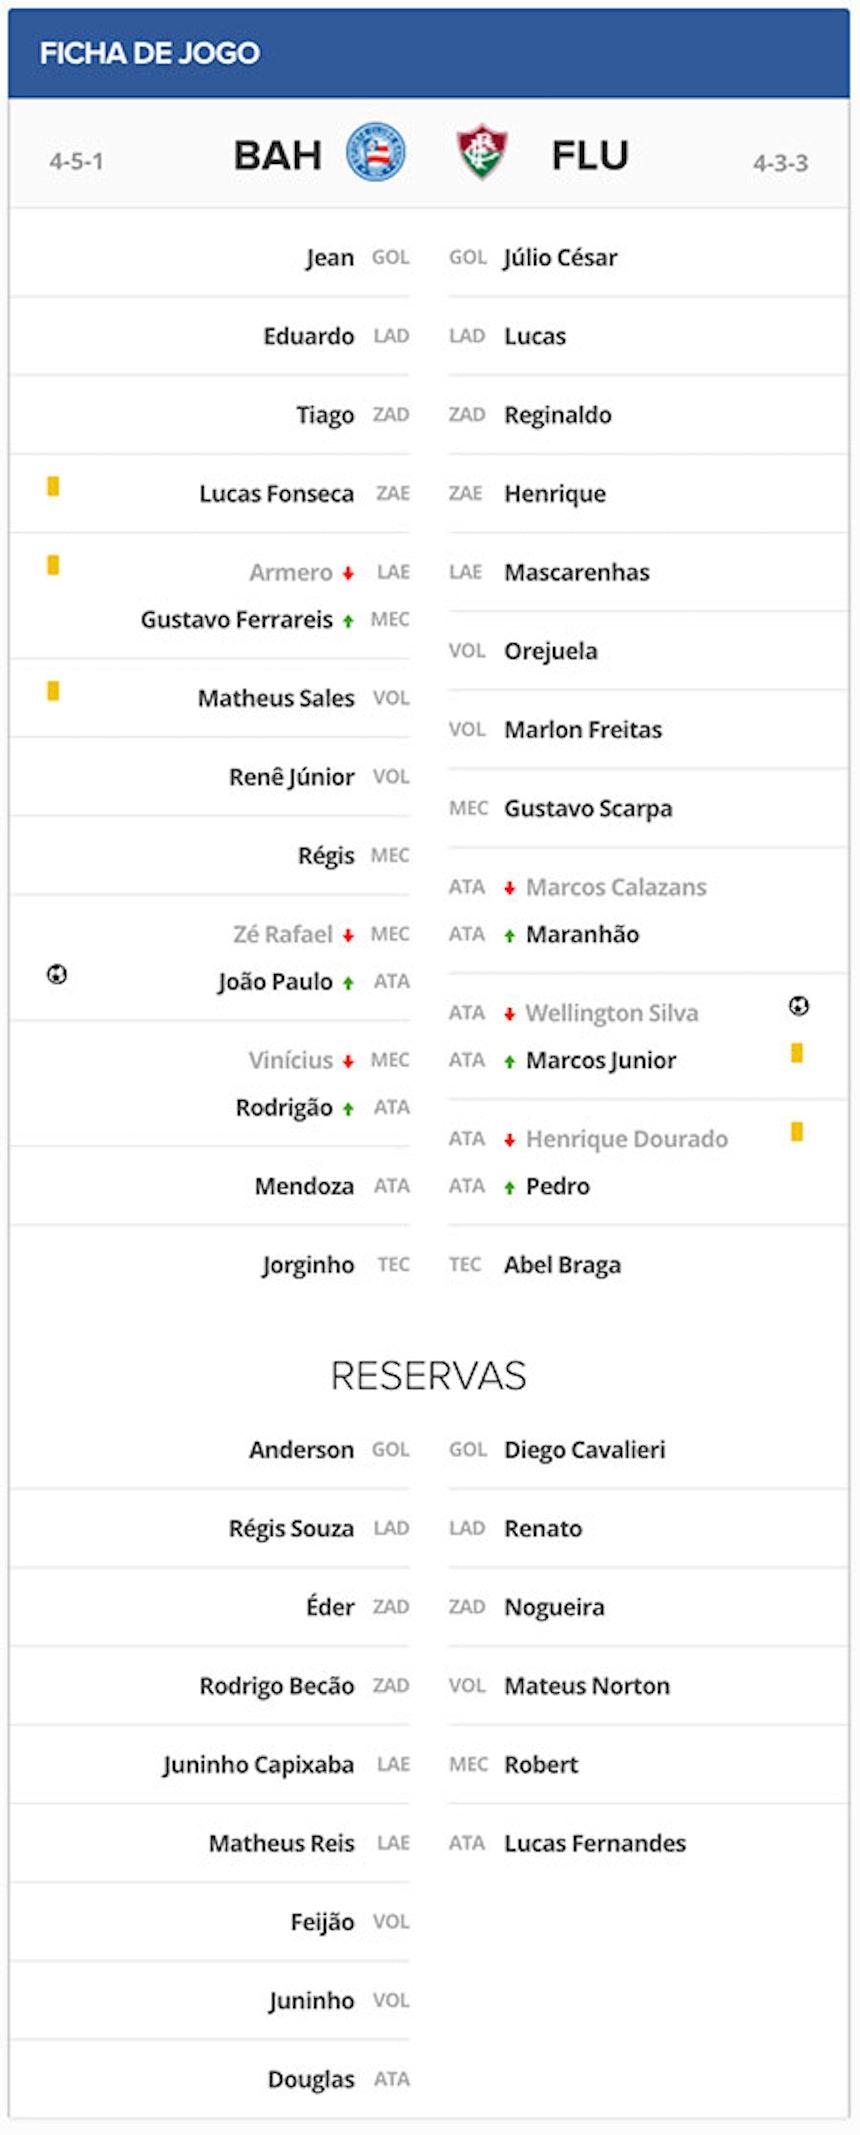 Ficha Técnica Bahia x Fluminense pela 12a rodada do campeonato brasileiro